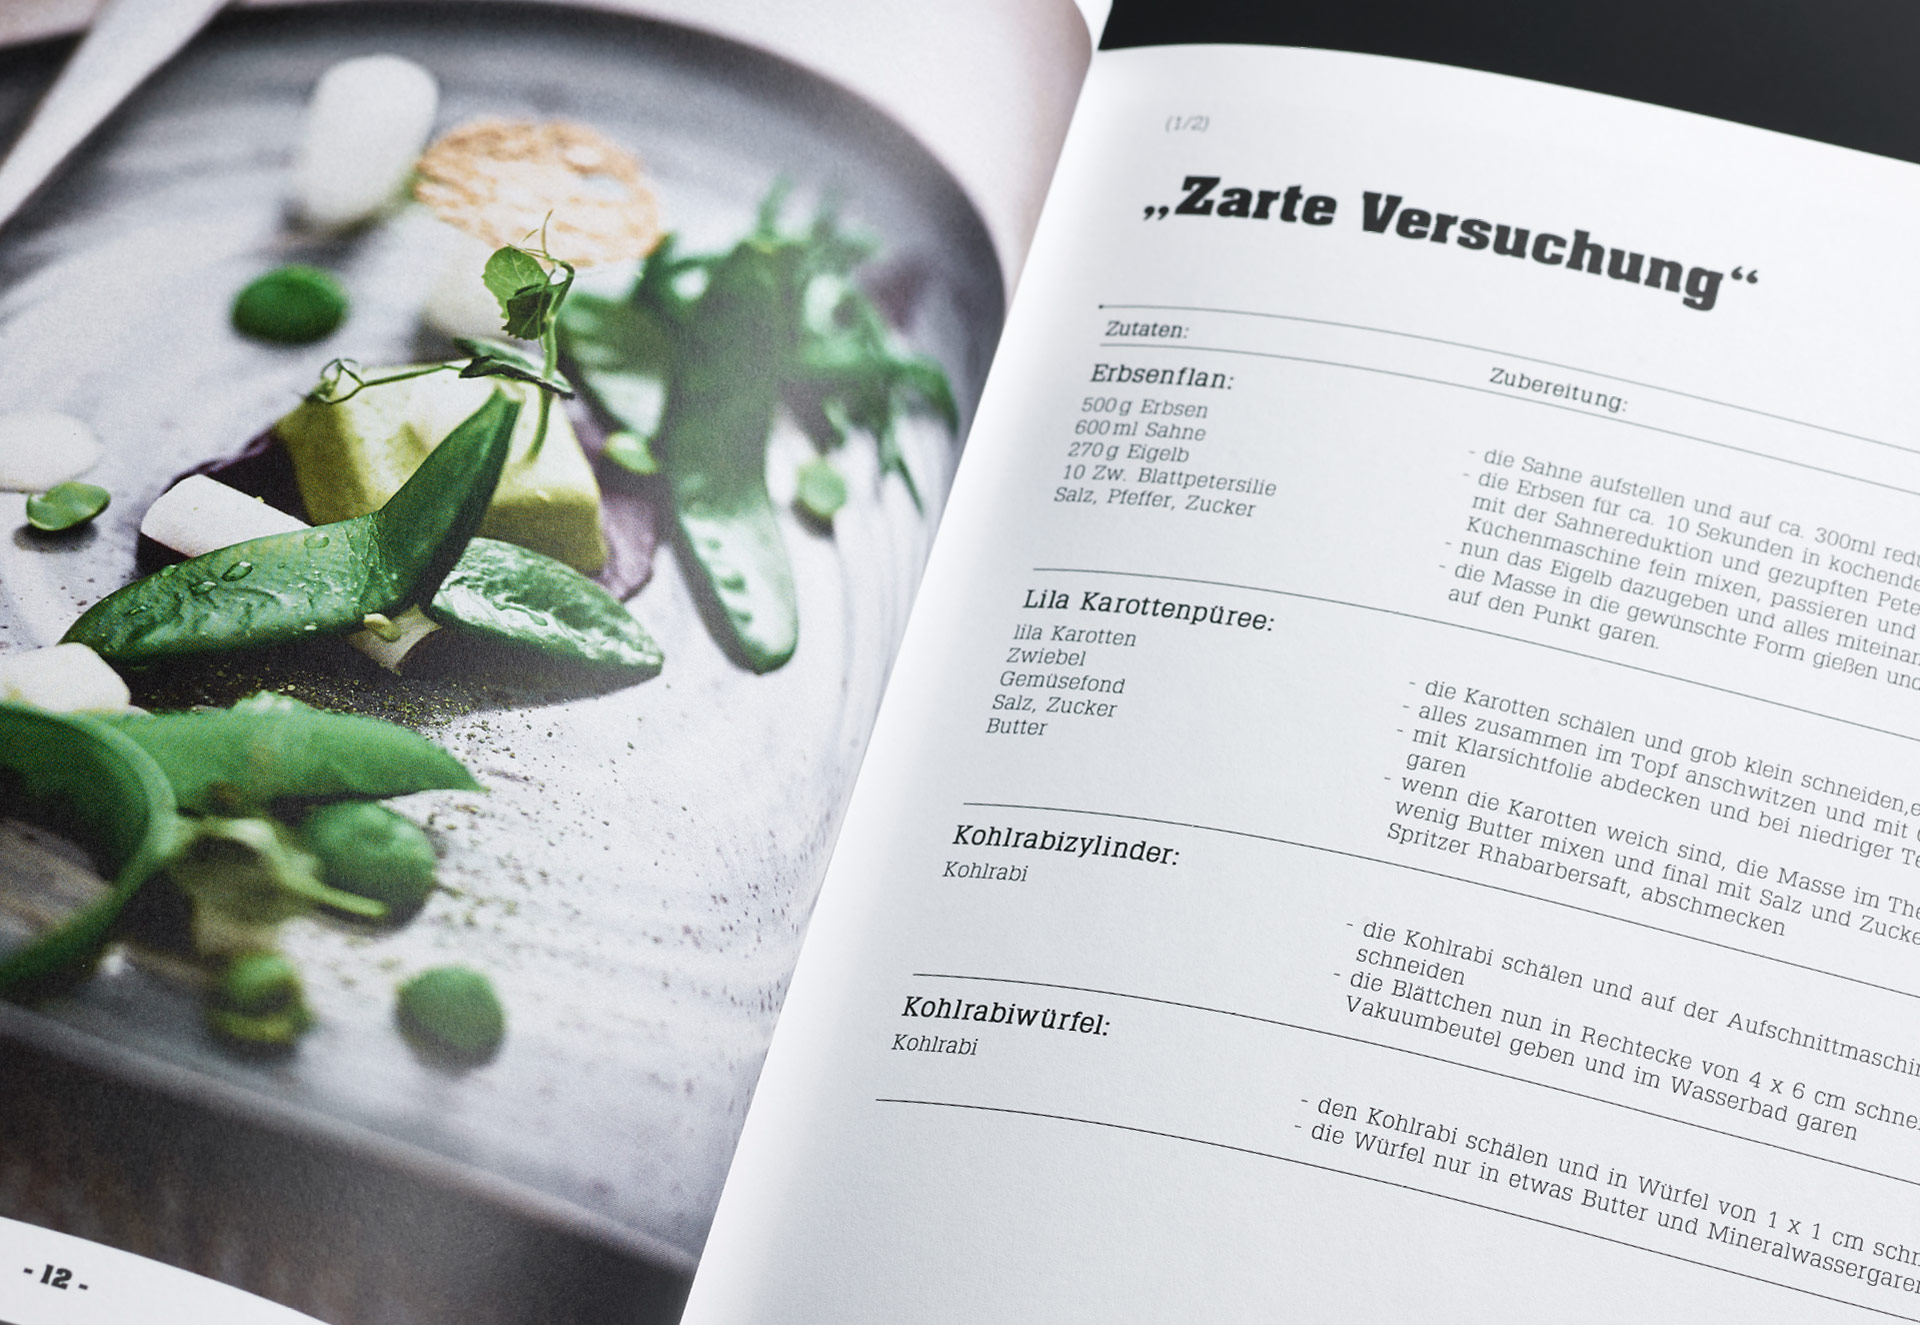 Druckerzeugnisse für die Gastronomie und Hotellerie 19a